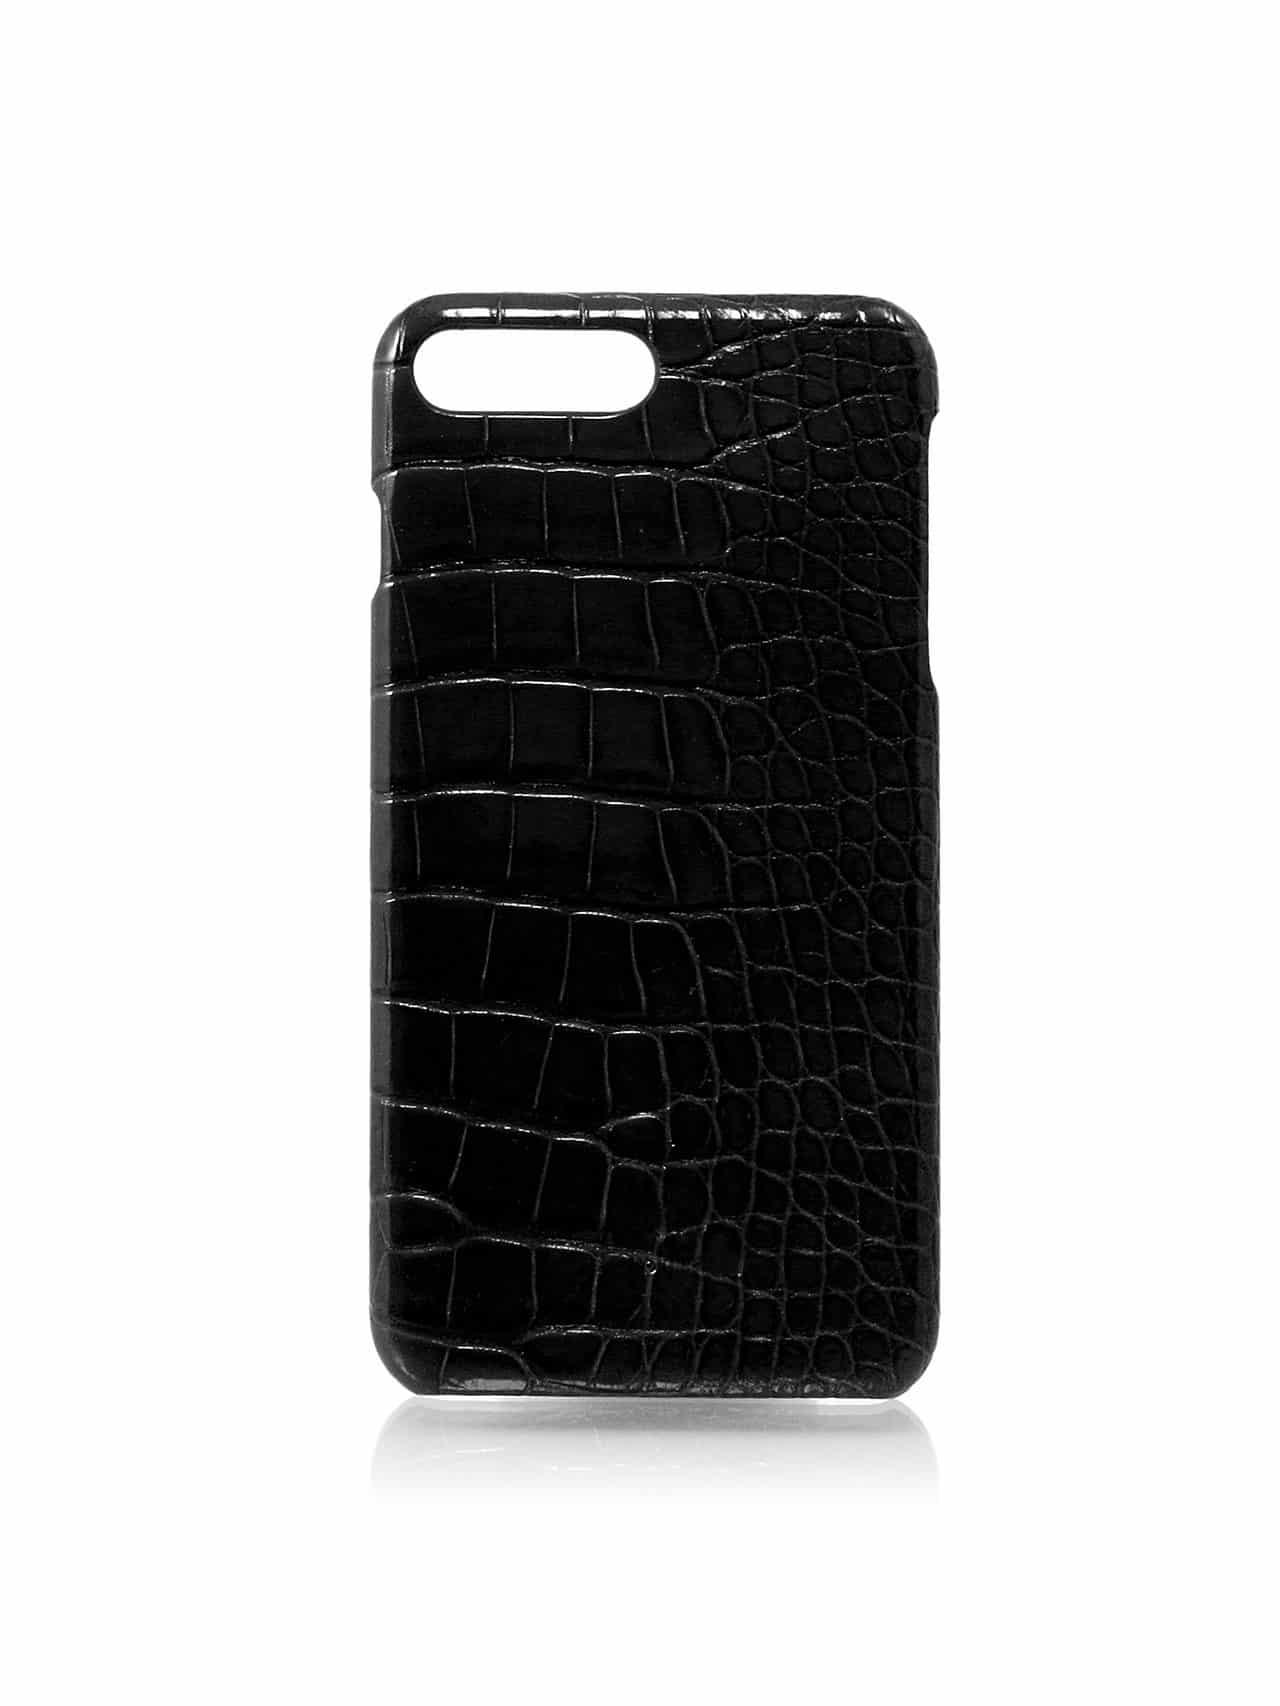 iphone case 8+